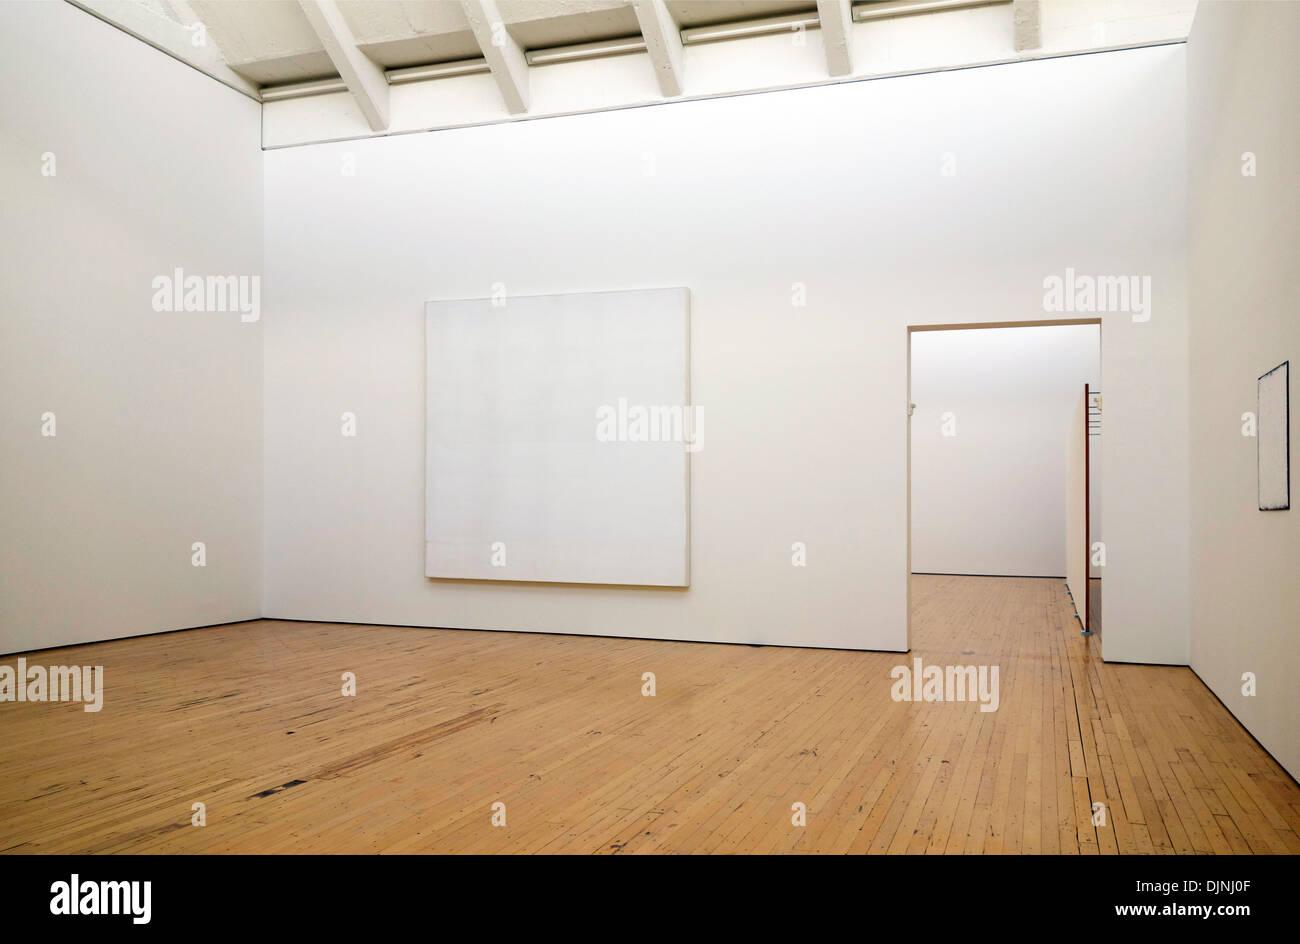 Dia Beacon Museum In New York Stock Photo 63170031 Alamy